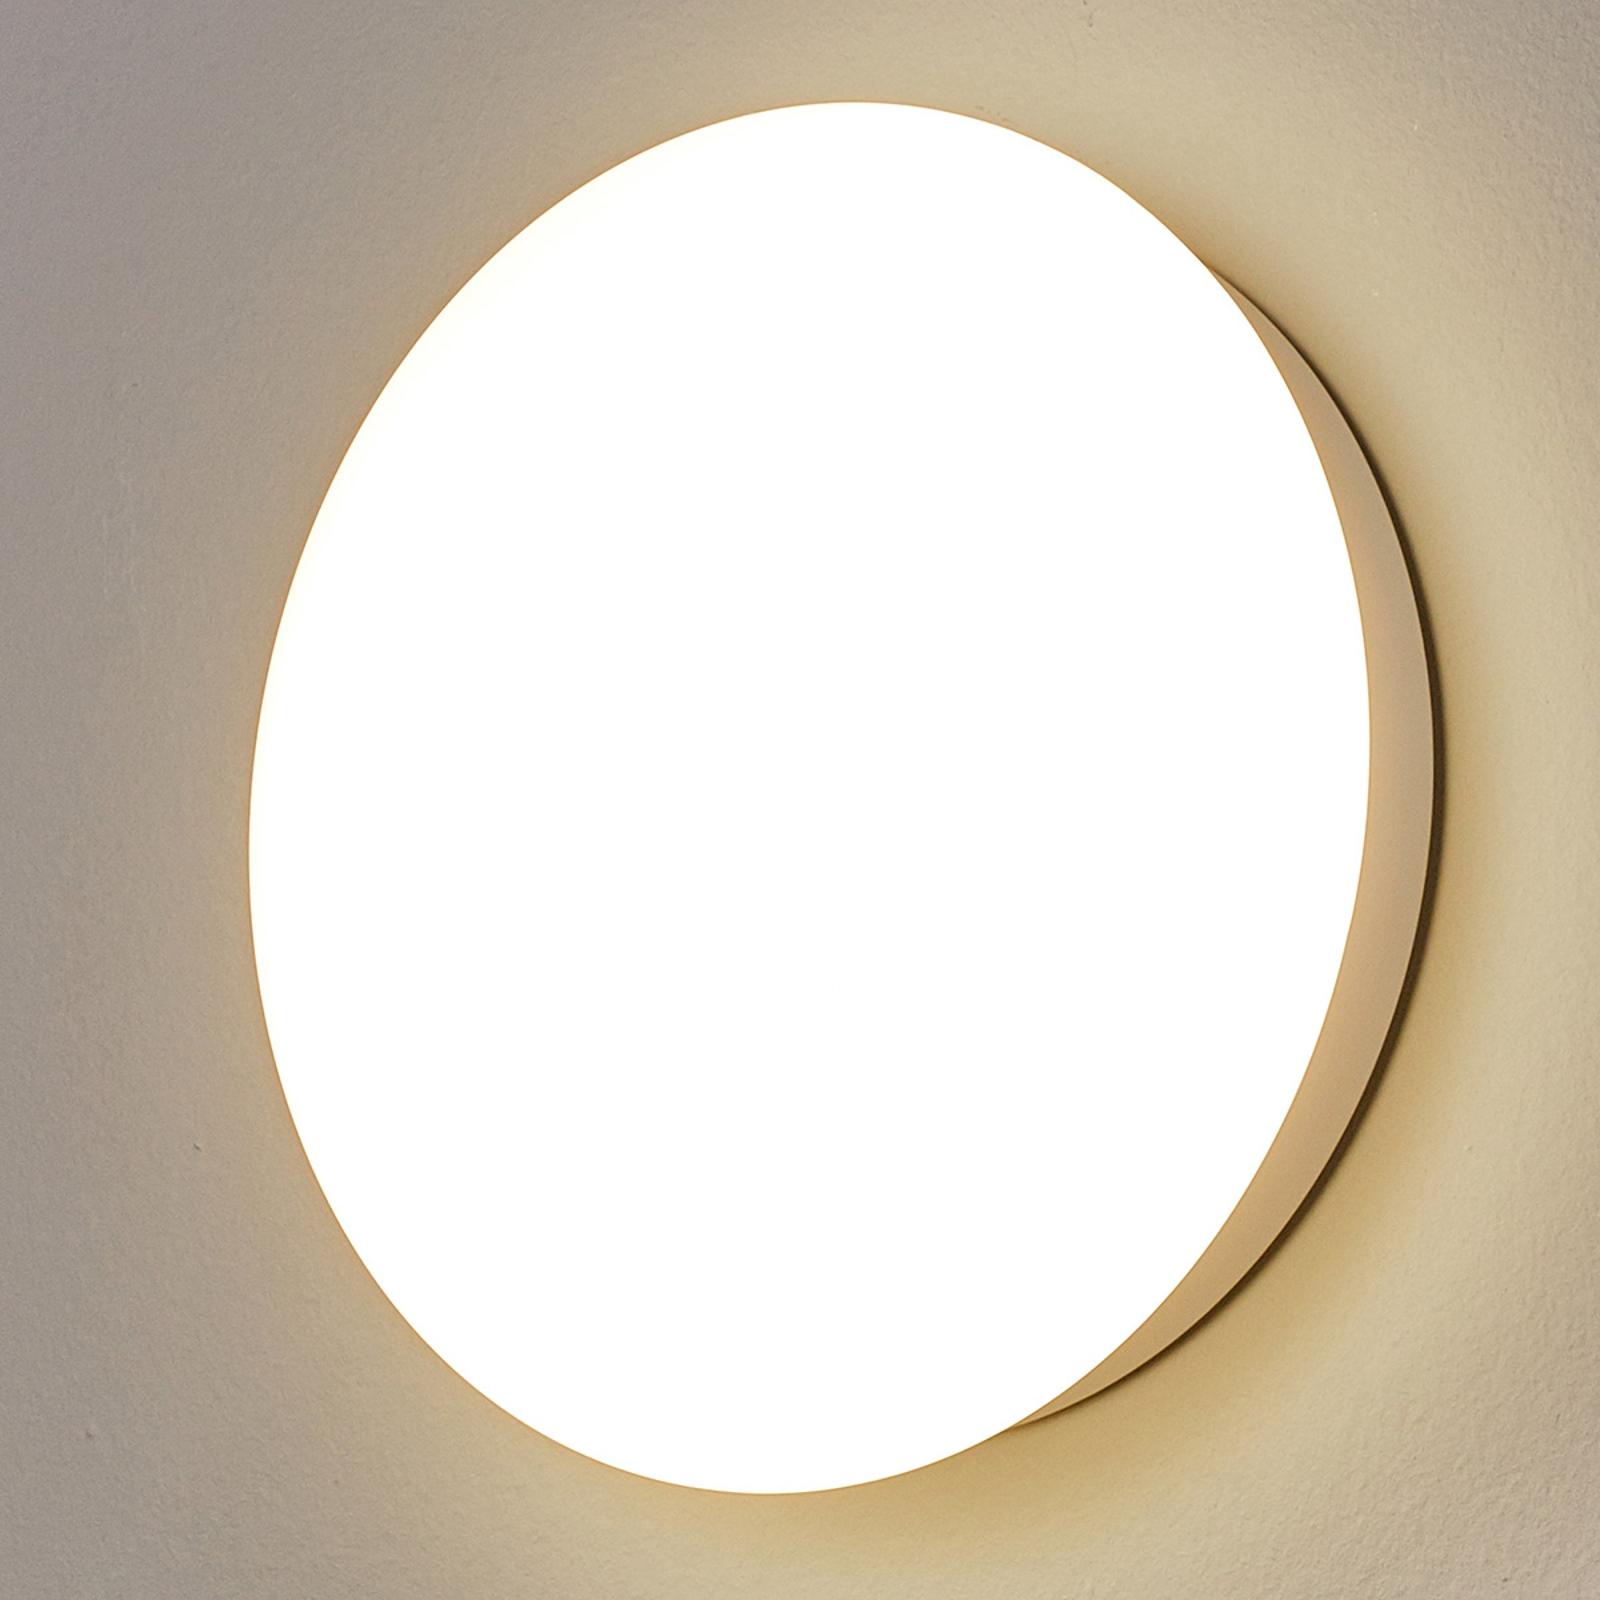 LED-Wandleuchte Sun 12 IP55, 18 W 3000K ww